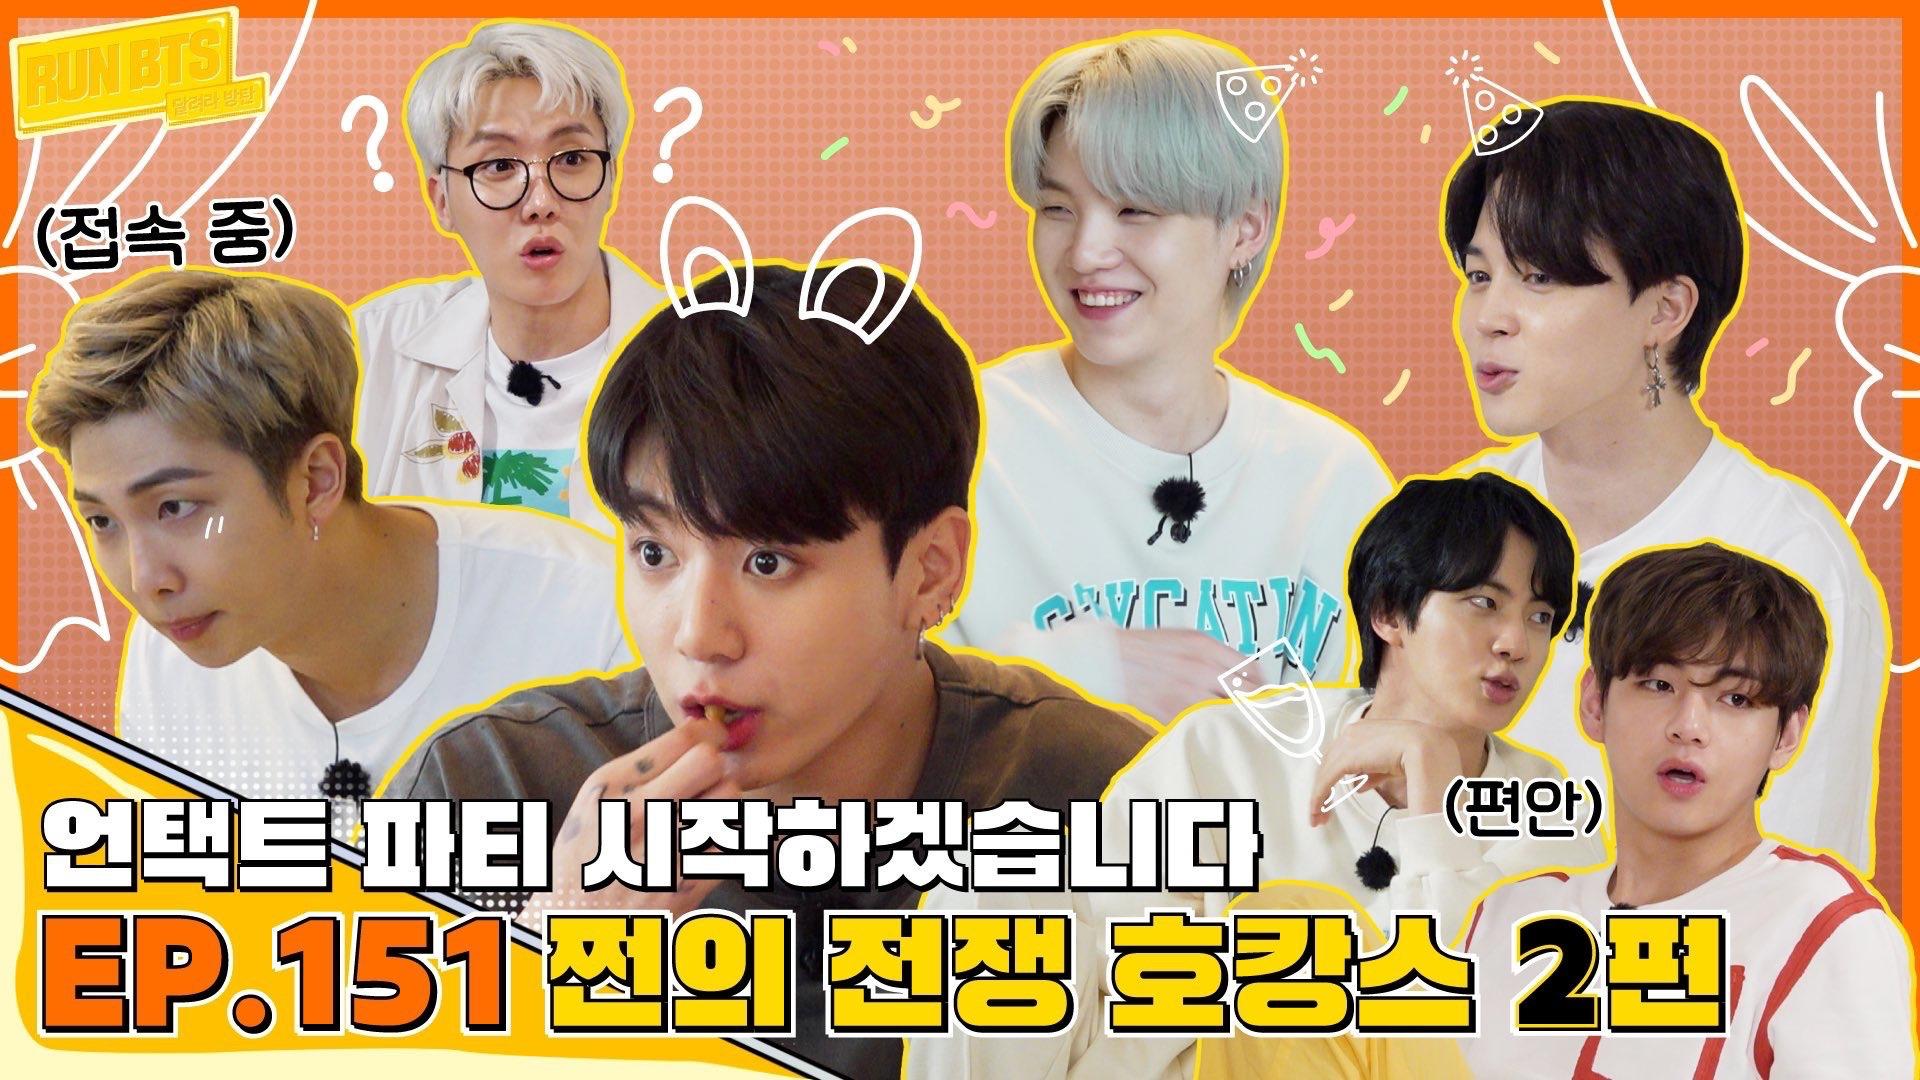 Run! BTS! — s05e151 — Episode 151: War of Money Hotel Staycation Part 2